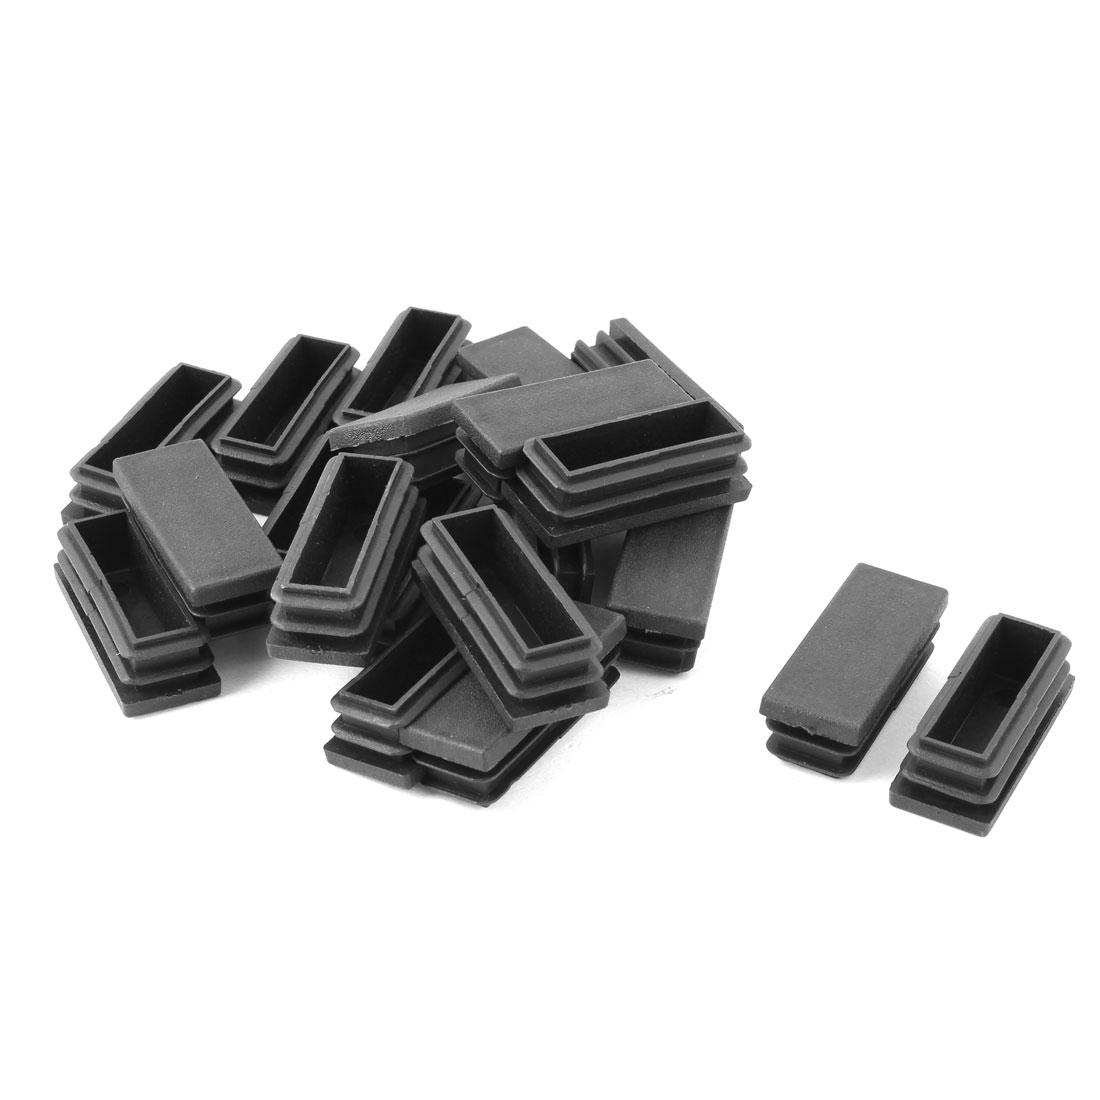 Home Plastic Rectangle Furniture Table Leg Tube Inserts Black 50 x 20mm 20pcs